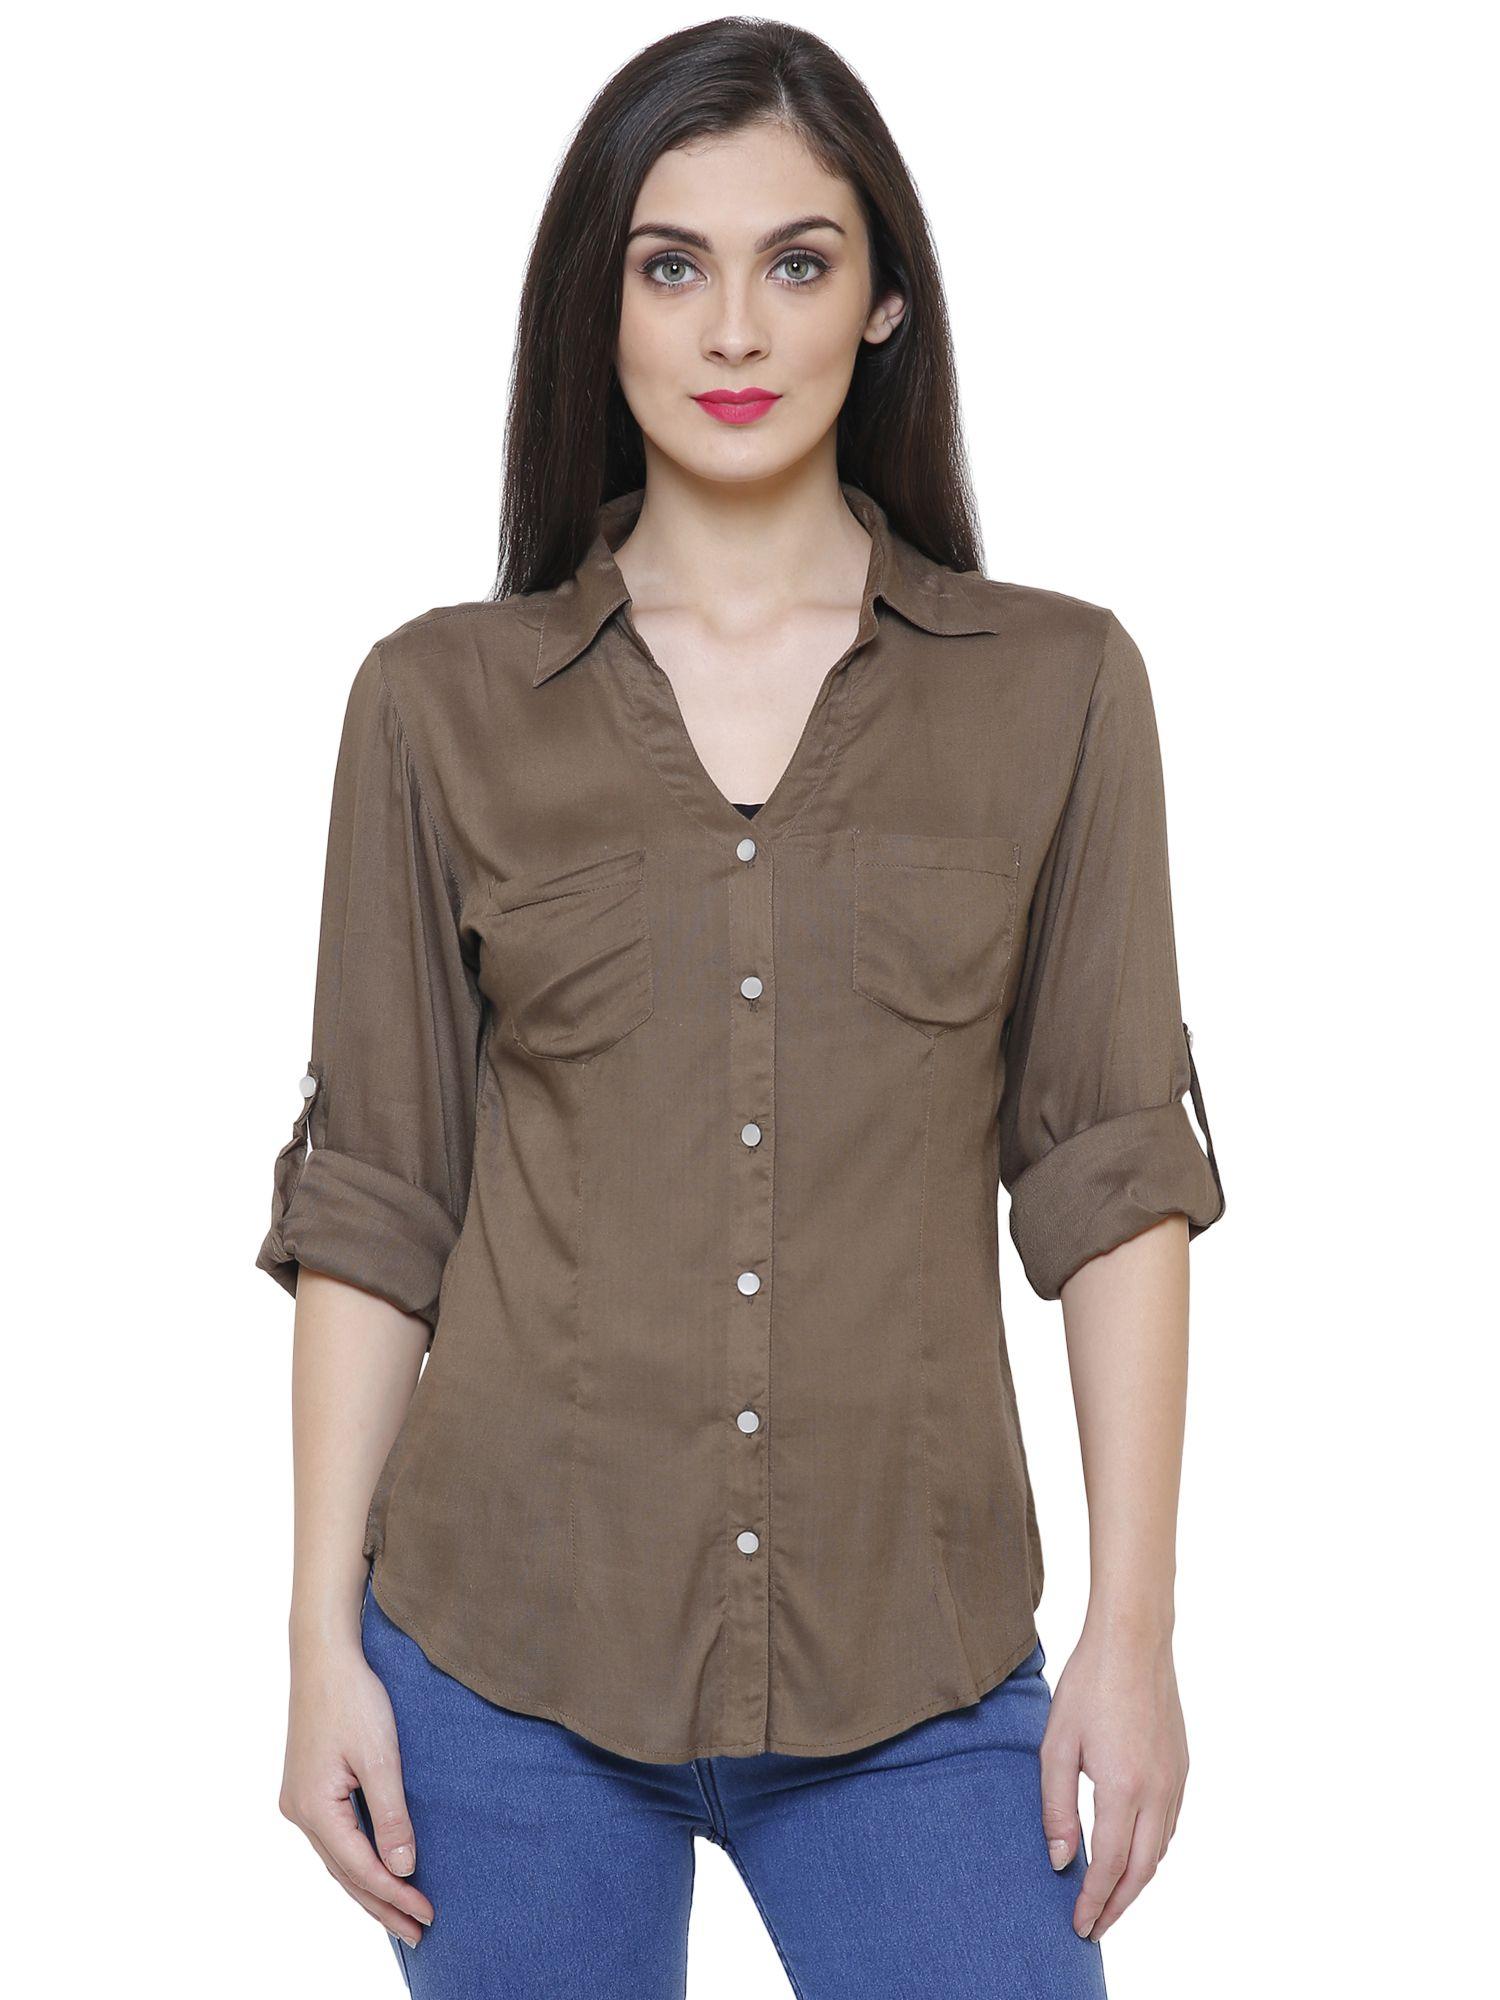 Tshirt Company Rayon Shirt